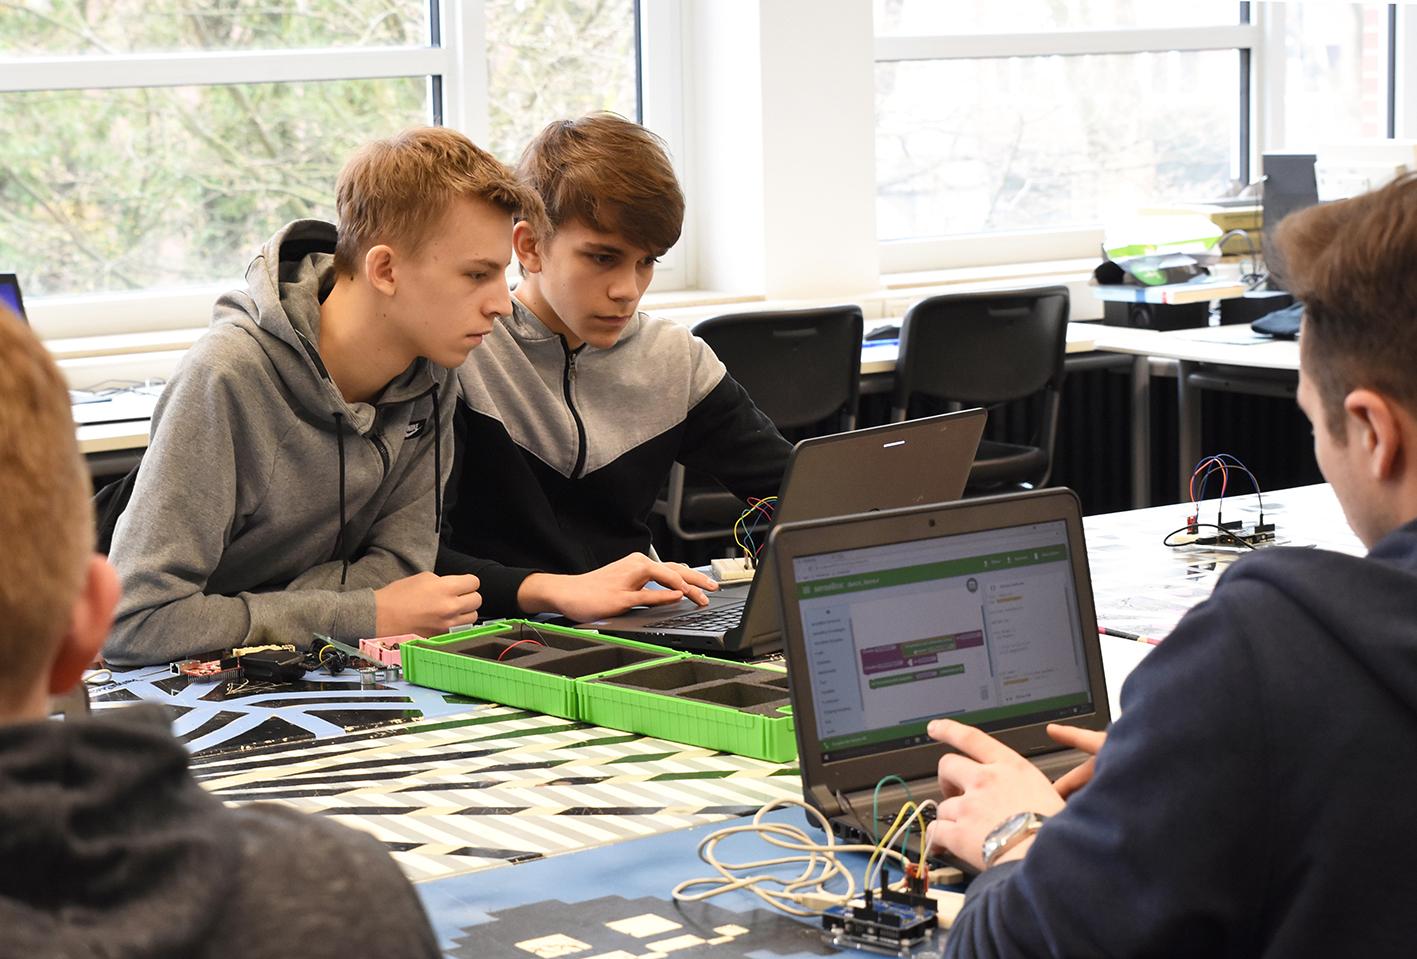 Schüler programmieren am Computer